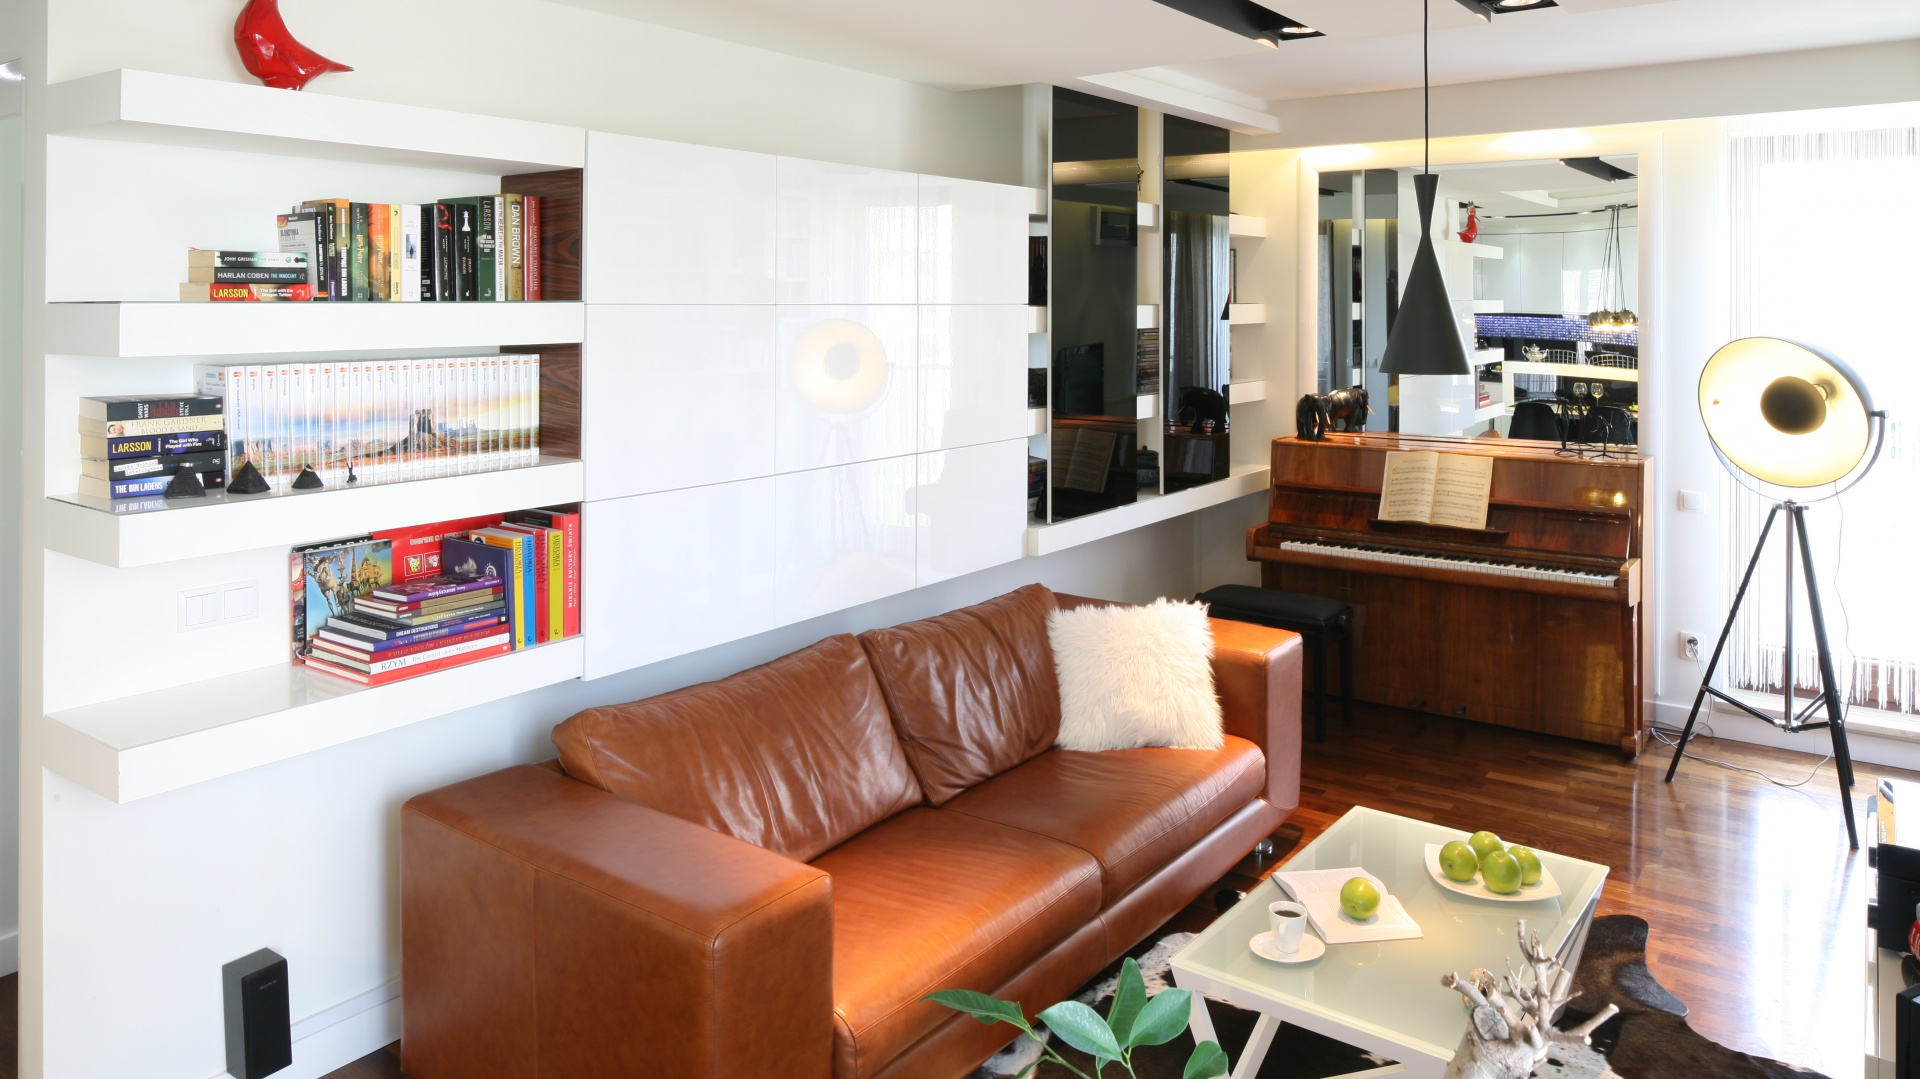 Niedużą przestrzeń wąskiego, lecz długiego salonu urządzono tak, by efektywnie wykorzystać każdy metr. Stąd nad sofą pojawiają się praktyczne półki i szafeczki, a ścianę za pianinem zdobi lustro, które optycznie podwaja przestrzeń. Projekt: Małgorzata Mazur. Fot. Bartosz Jarosz.